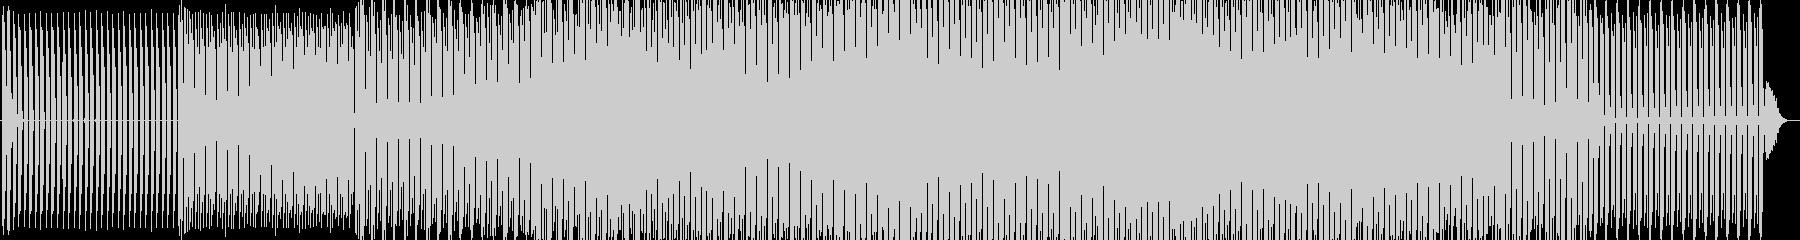 グラマー。プログレッシブハウスの未再生の波形